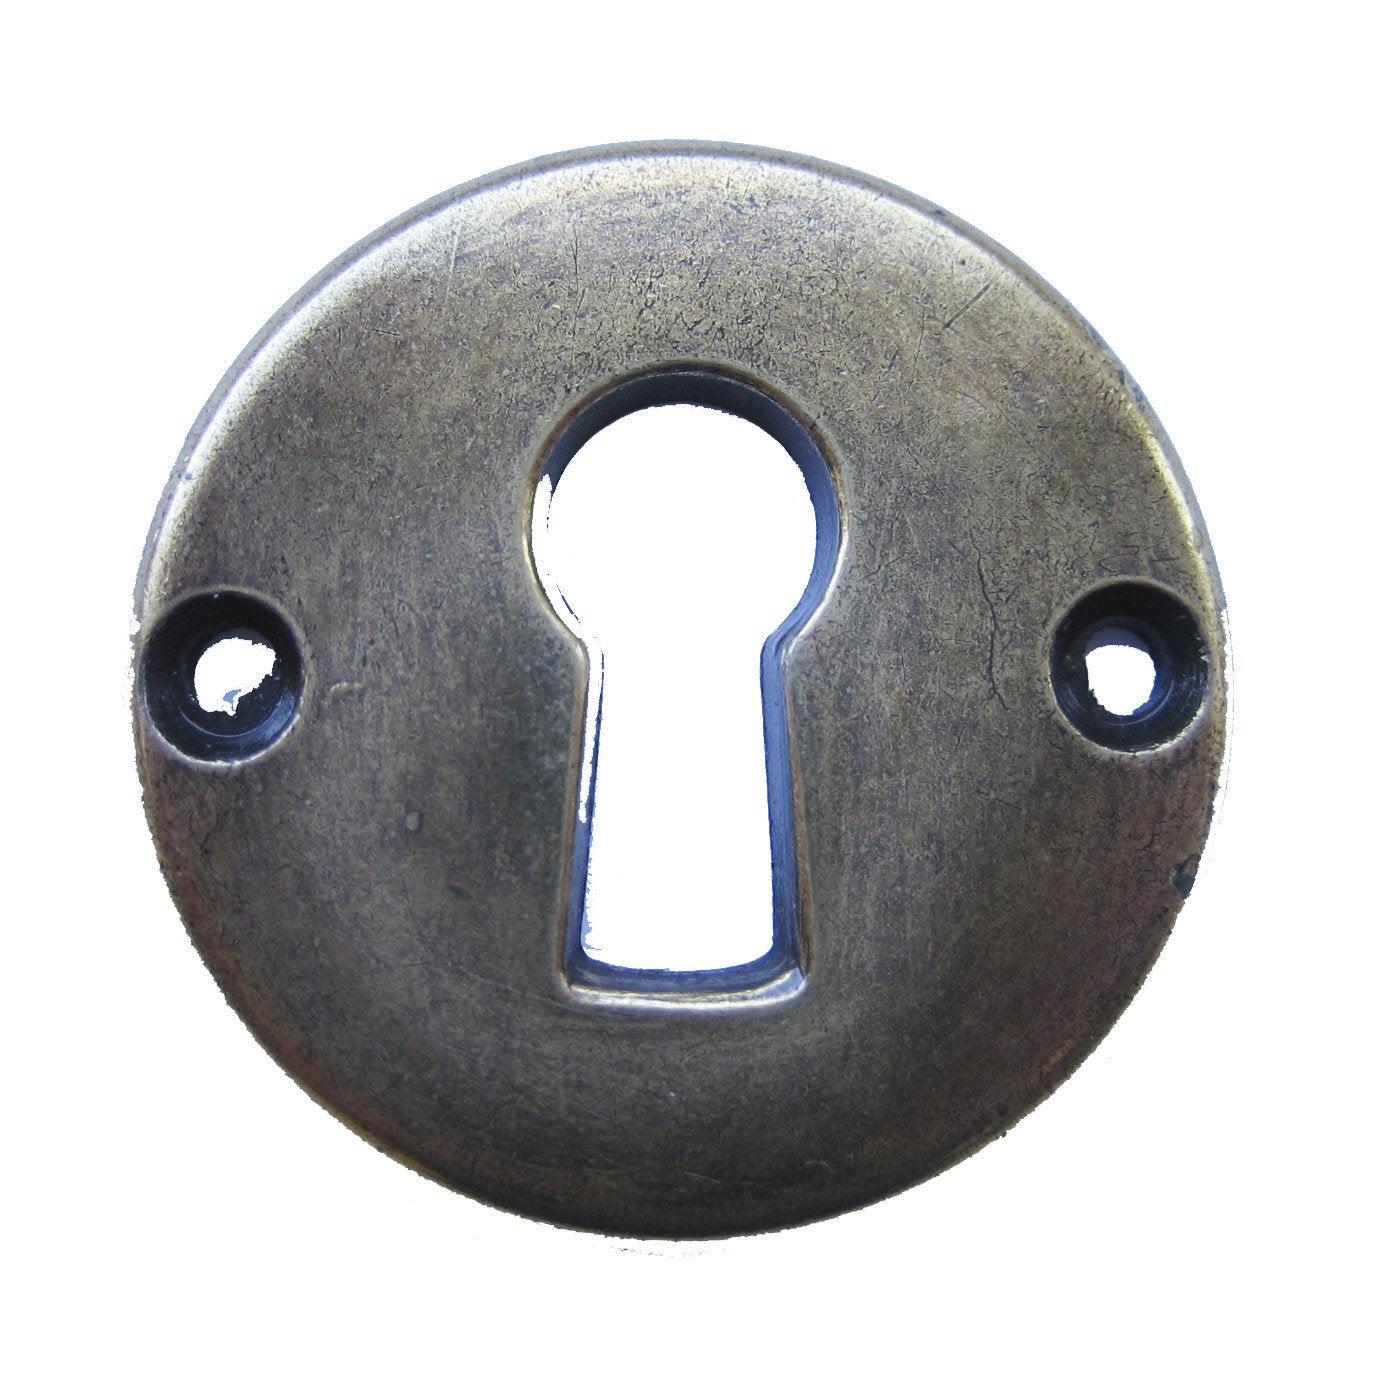 Entr e de serrure de meuble acier en applique hettich - Entree de serrure meuble ancien ...